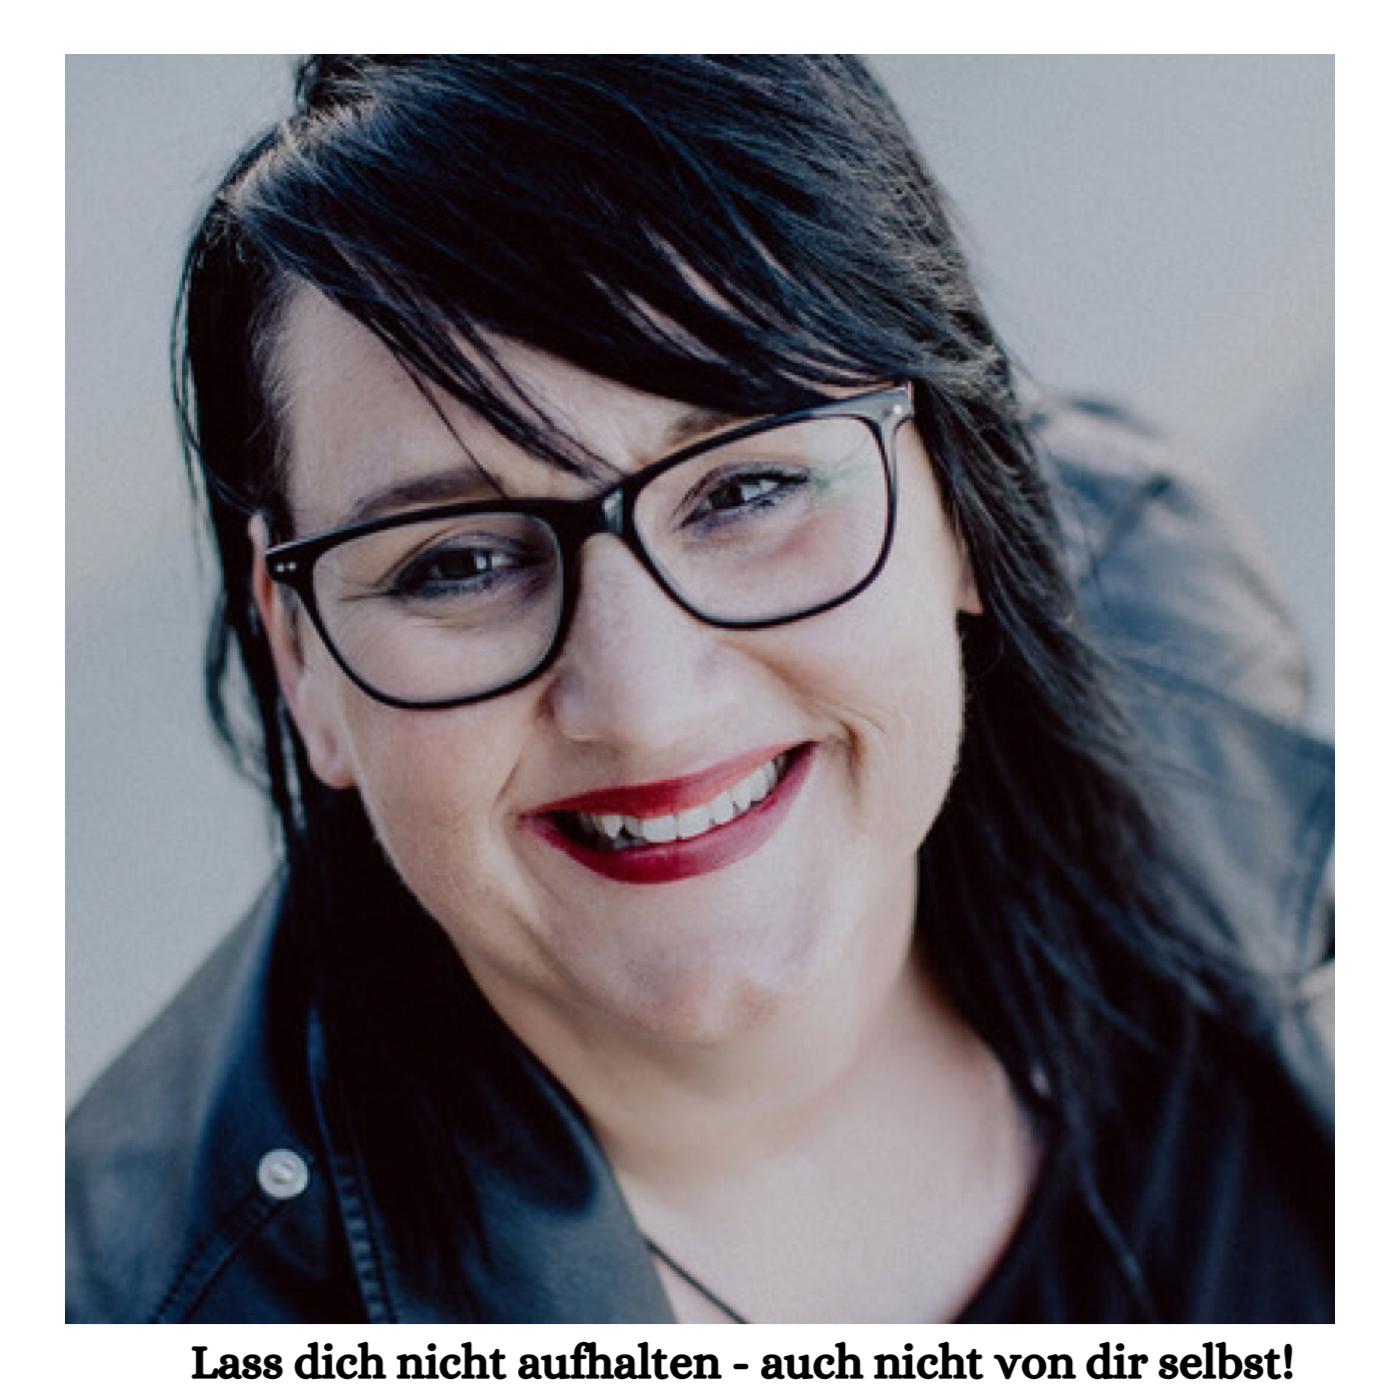 Freimachen bitte Podcast Sabine Jung-bass Ängste überwinden Lass dich nicht aufhalten auch nicht von dir selbst